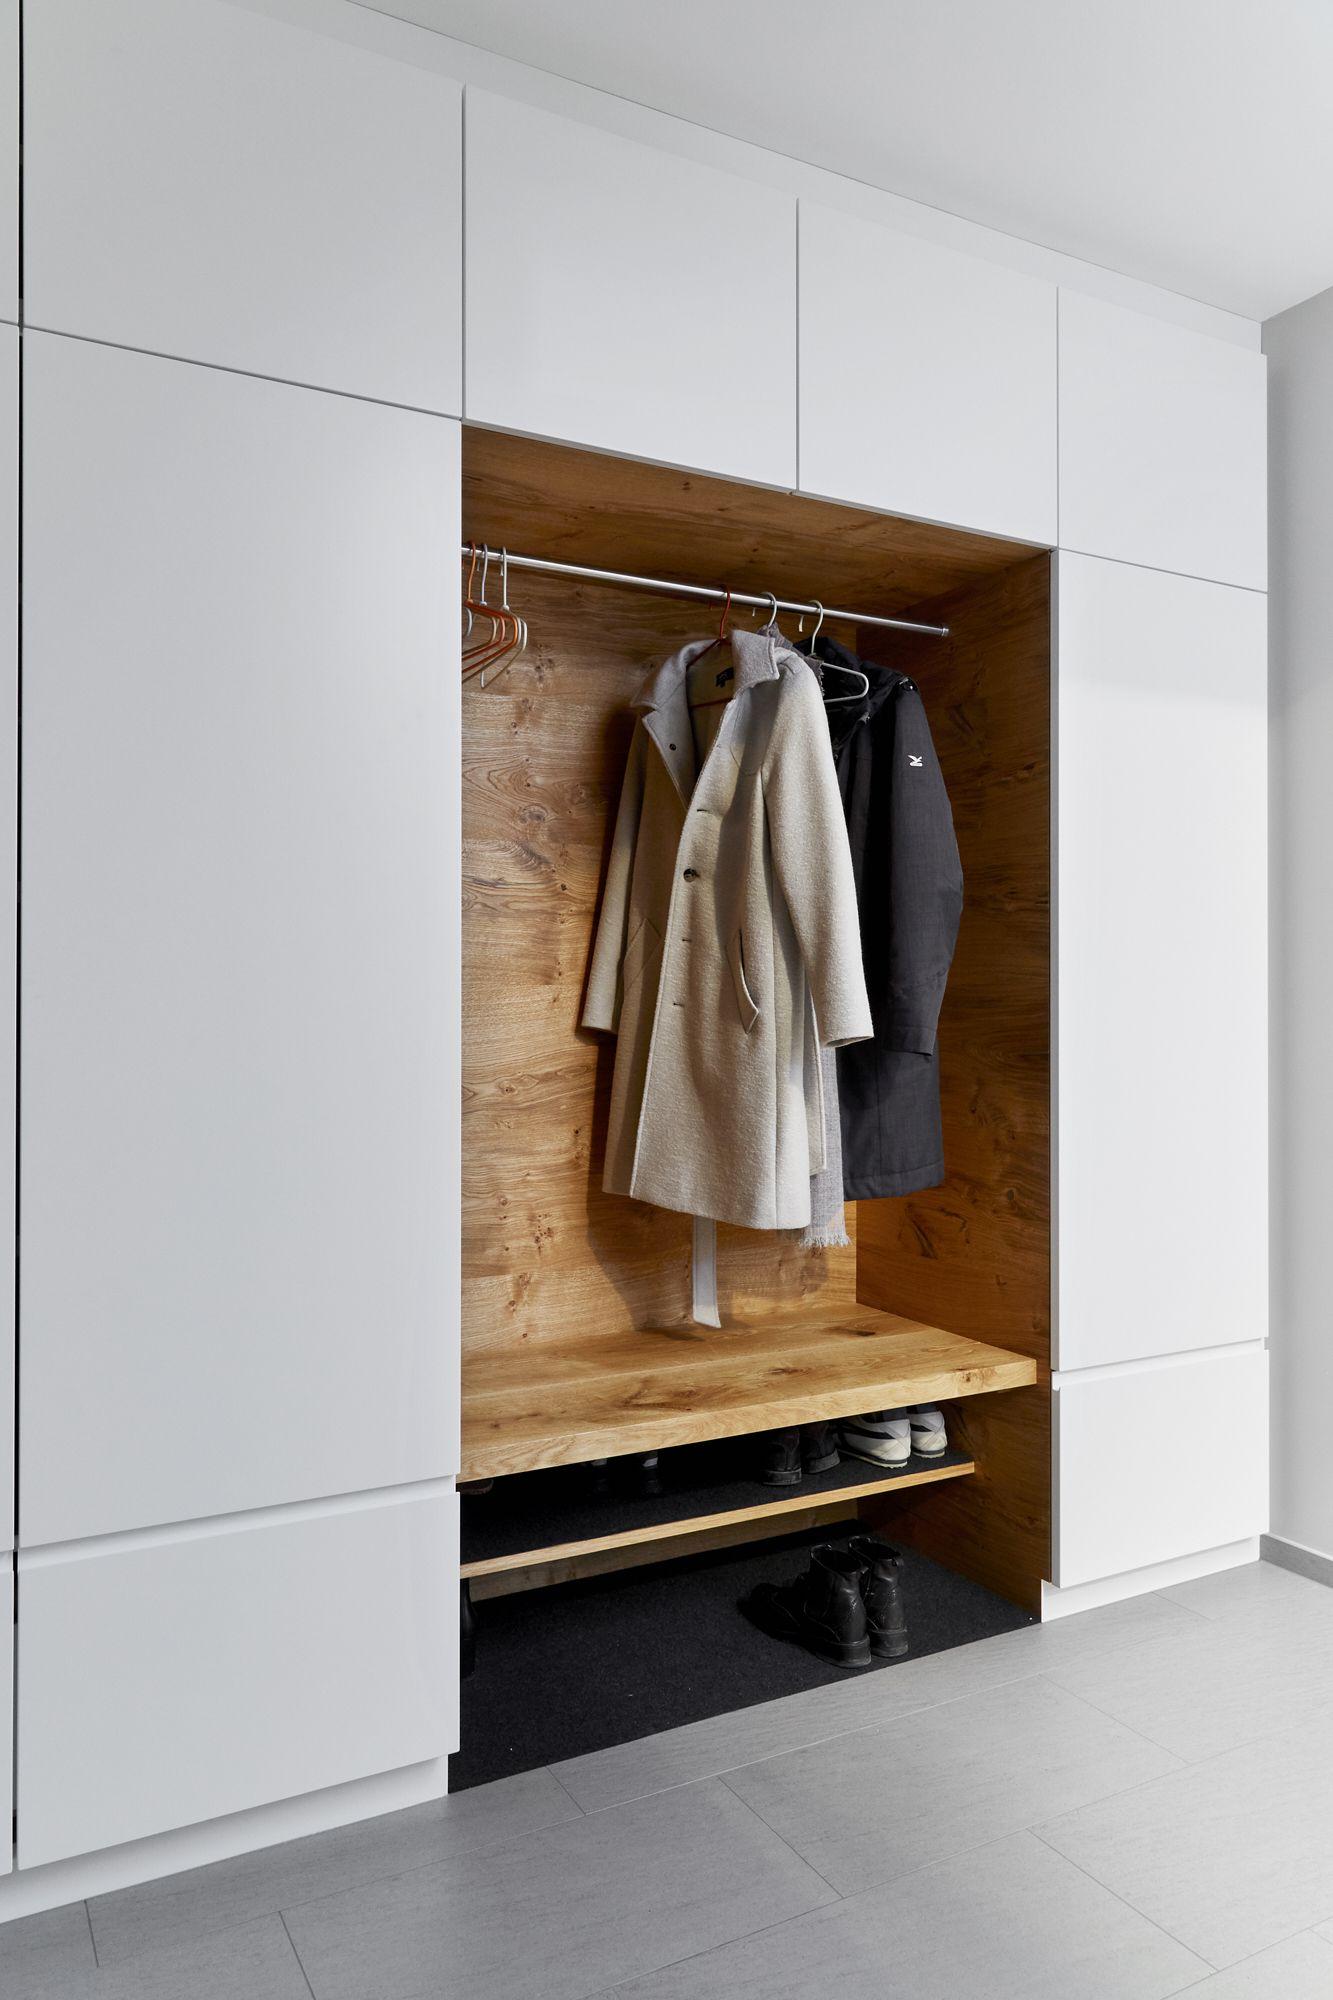 Ankommen Ritsch Mobelhandwerk Dornbirn Garderoben Eingangsbereich Schrank Design Moderner Eingangsbereich